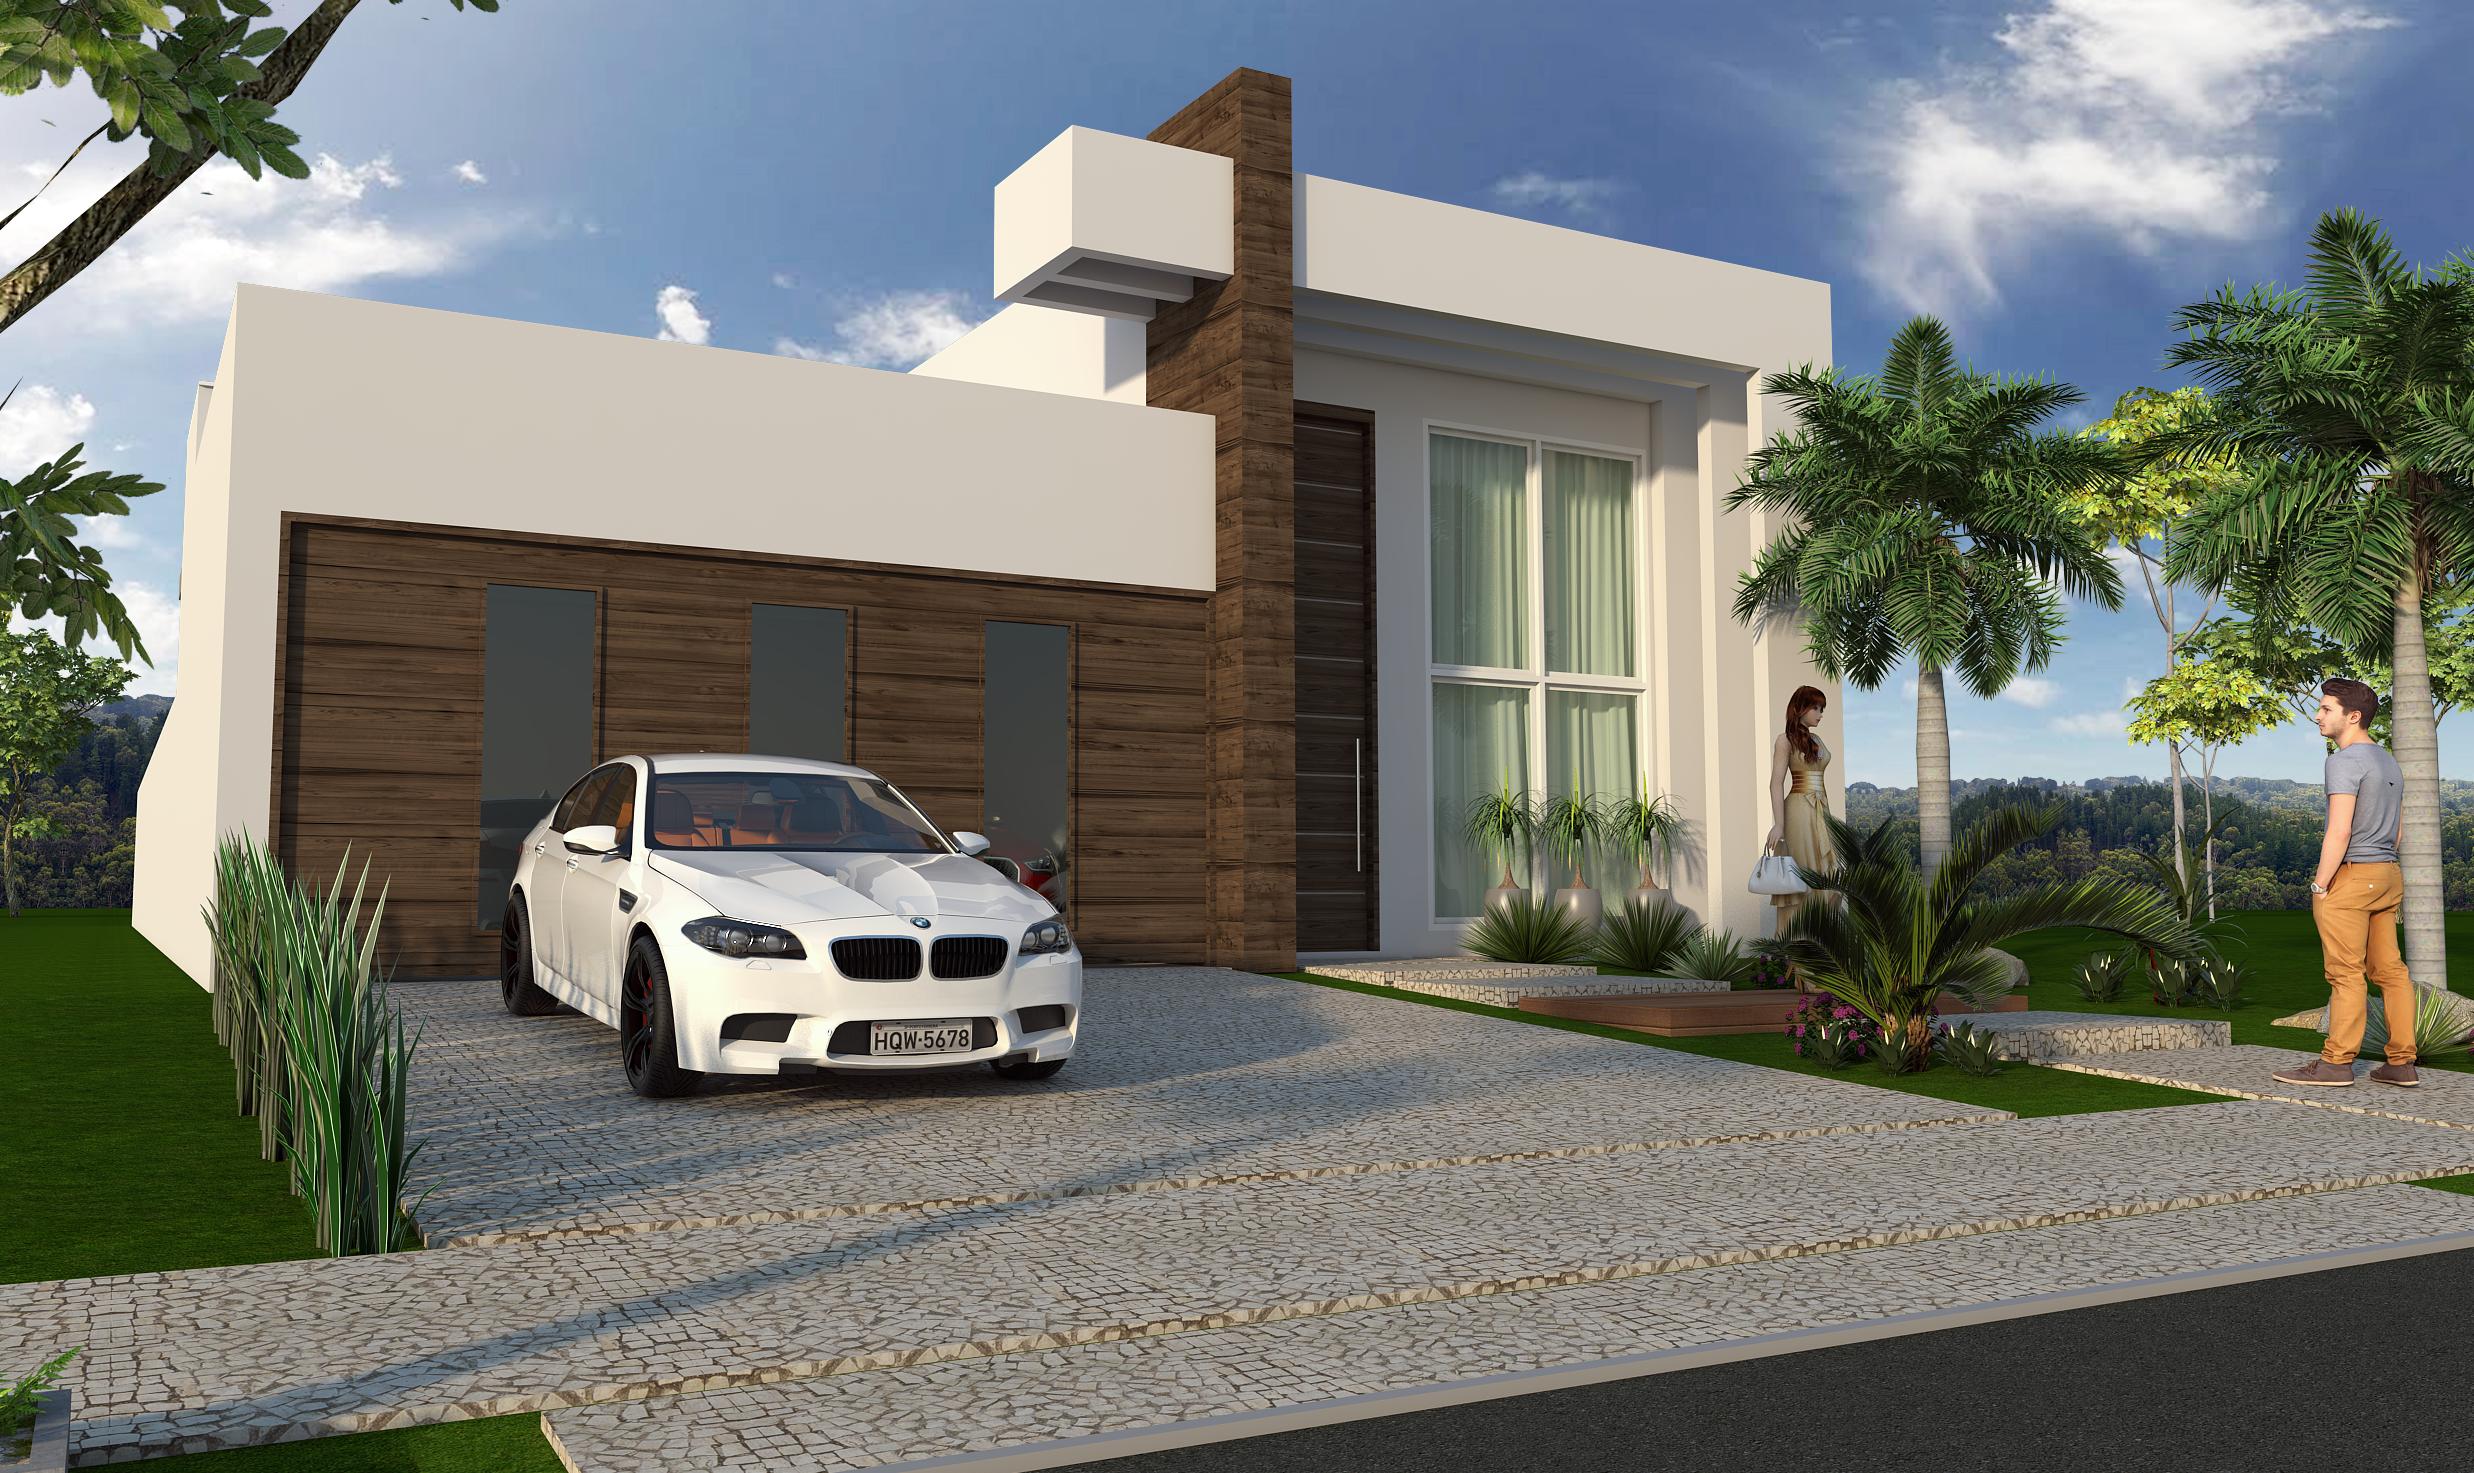 Projeto de arquitetura de casa t rrea com fachada moderna for Casas modernas de 70m2